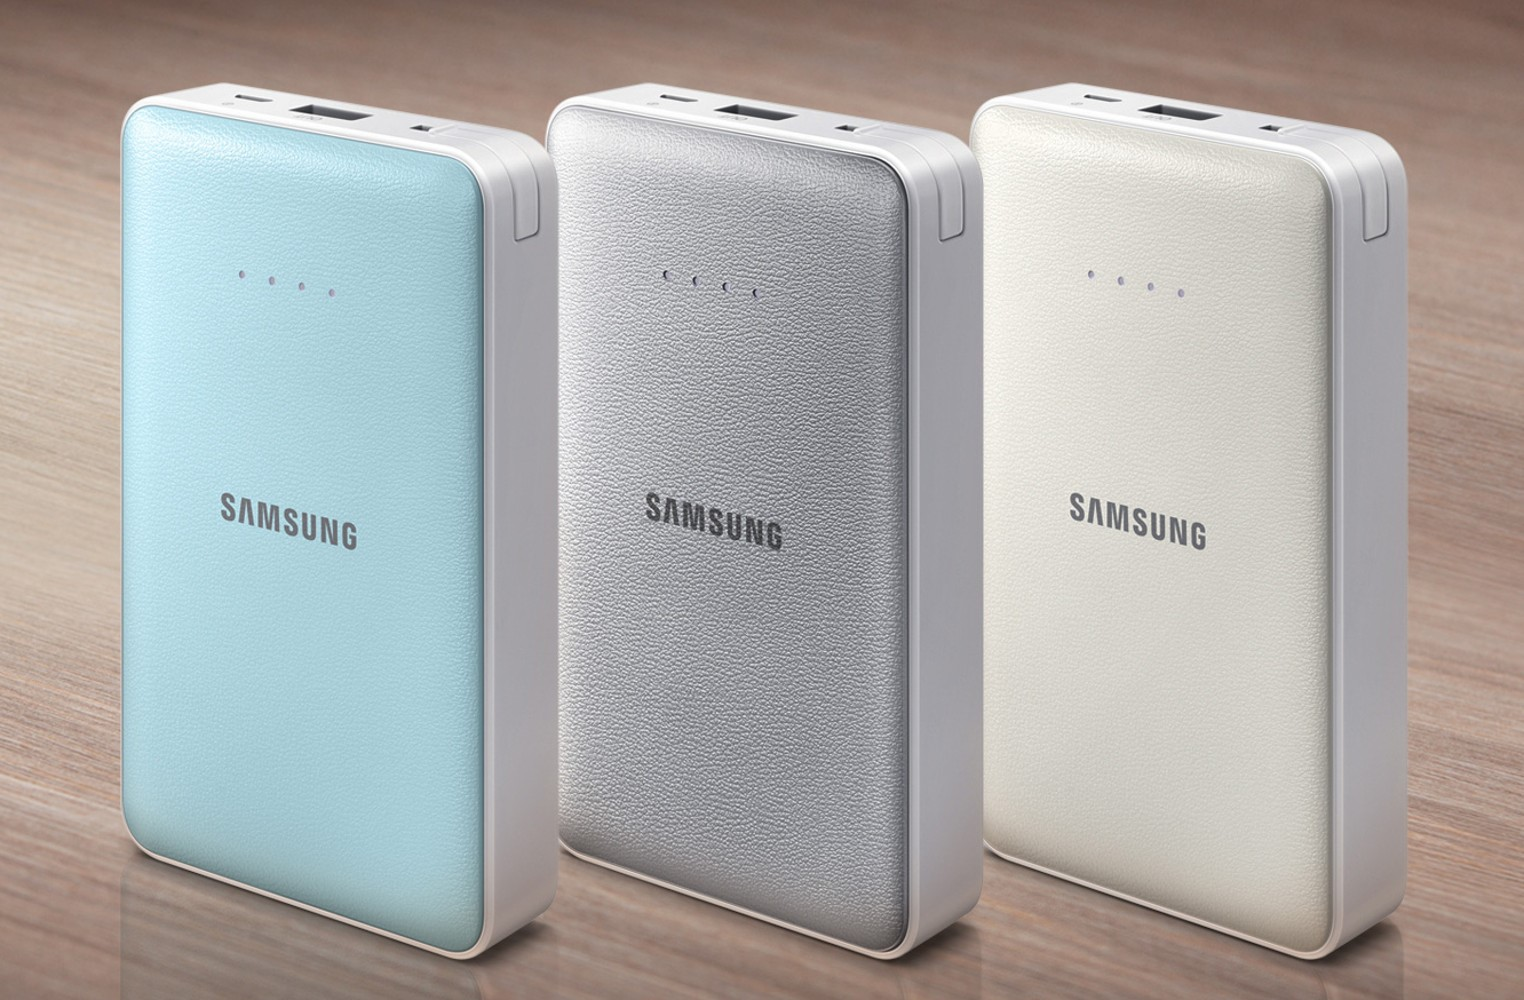 Внешний вид портативной батареи Samsung EB-PN915B